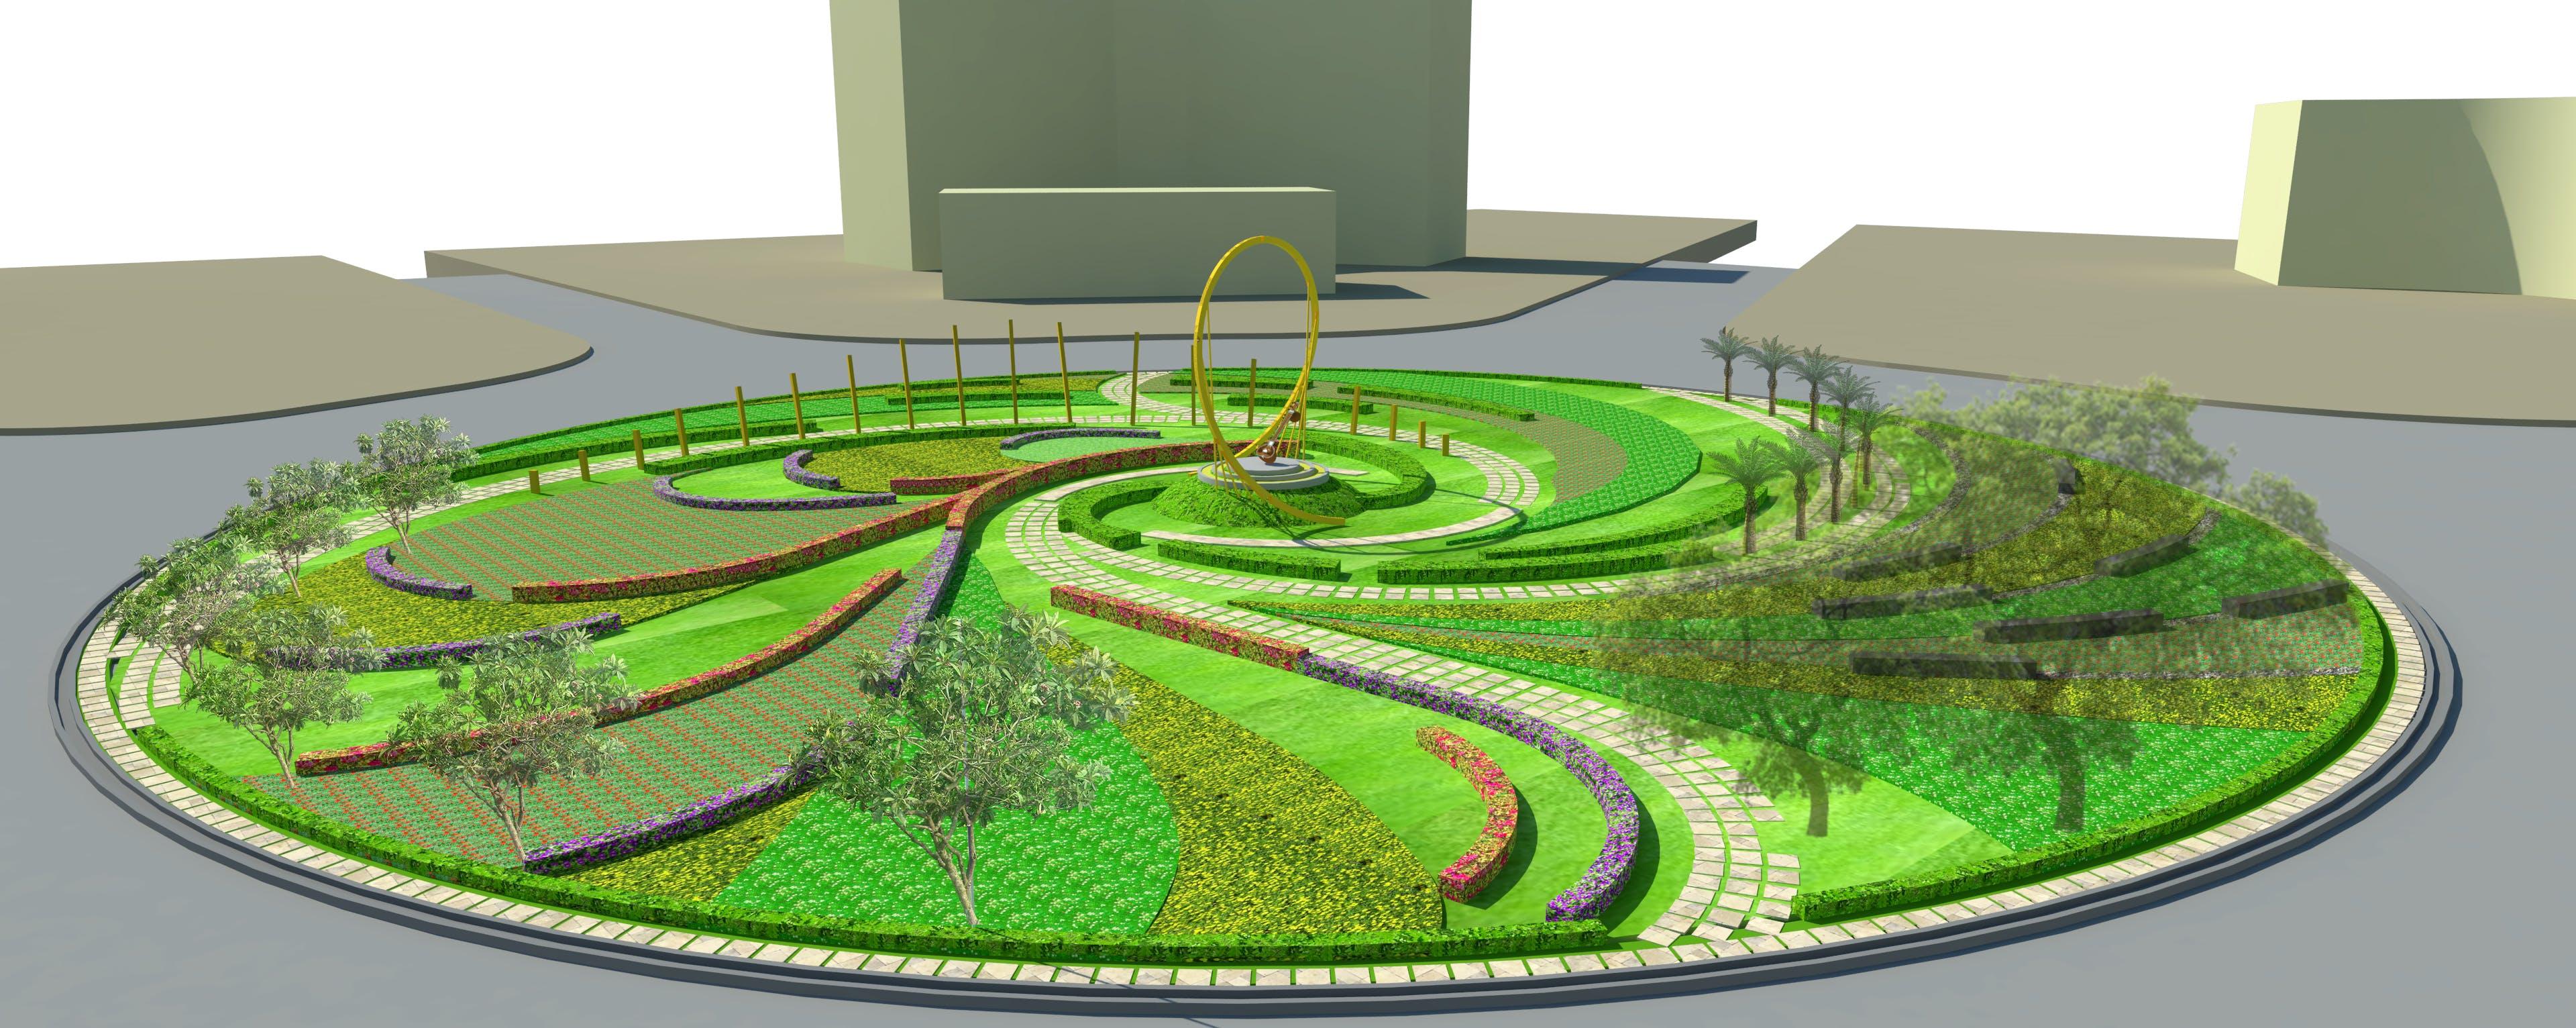 mandi house roundabout jayesh khaire landscapes